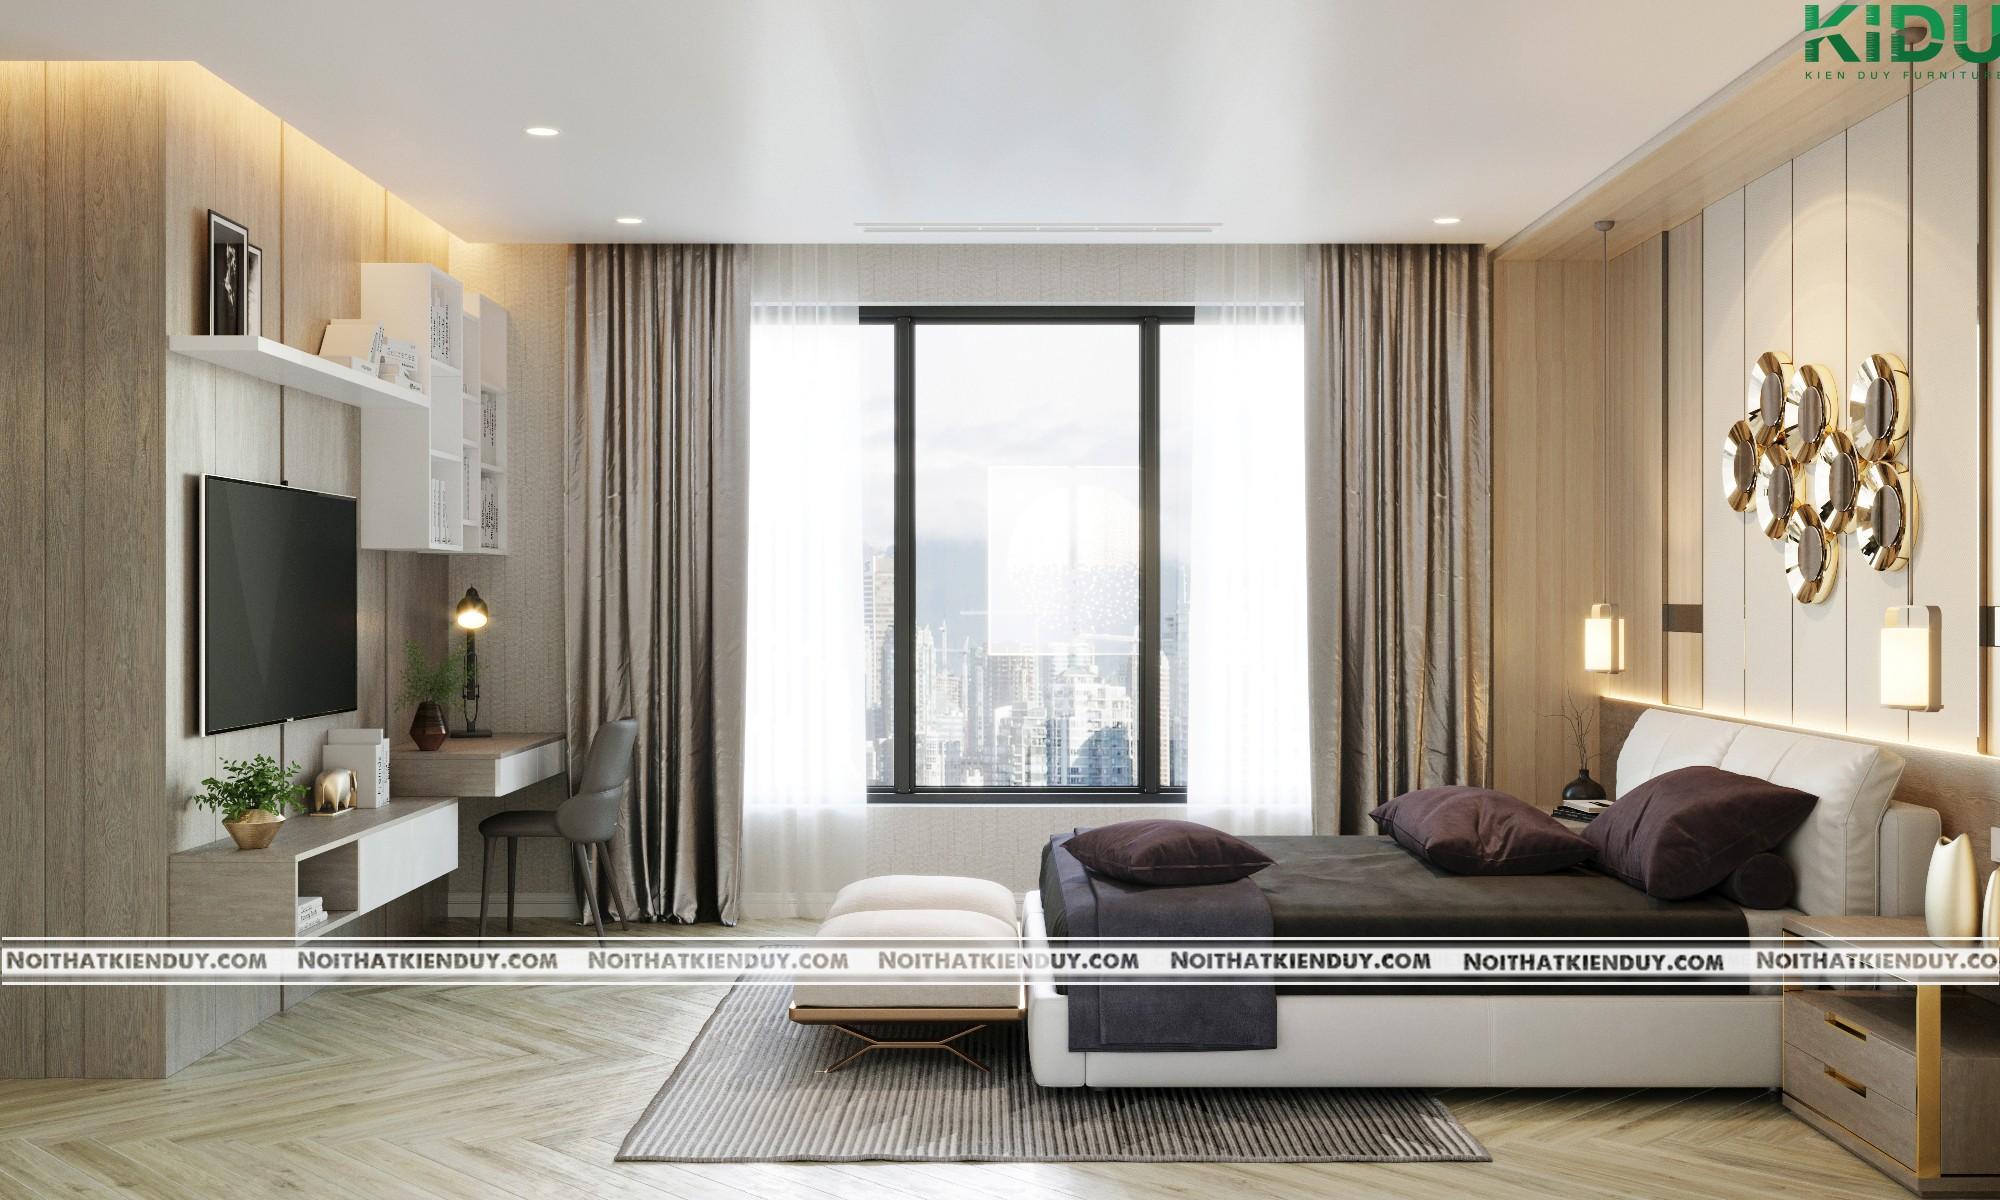 Không gian nội thất của căn phòng ngủ được thiết kế